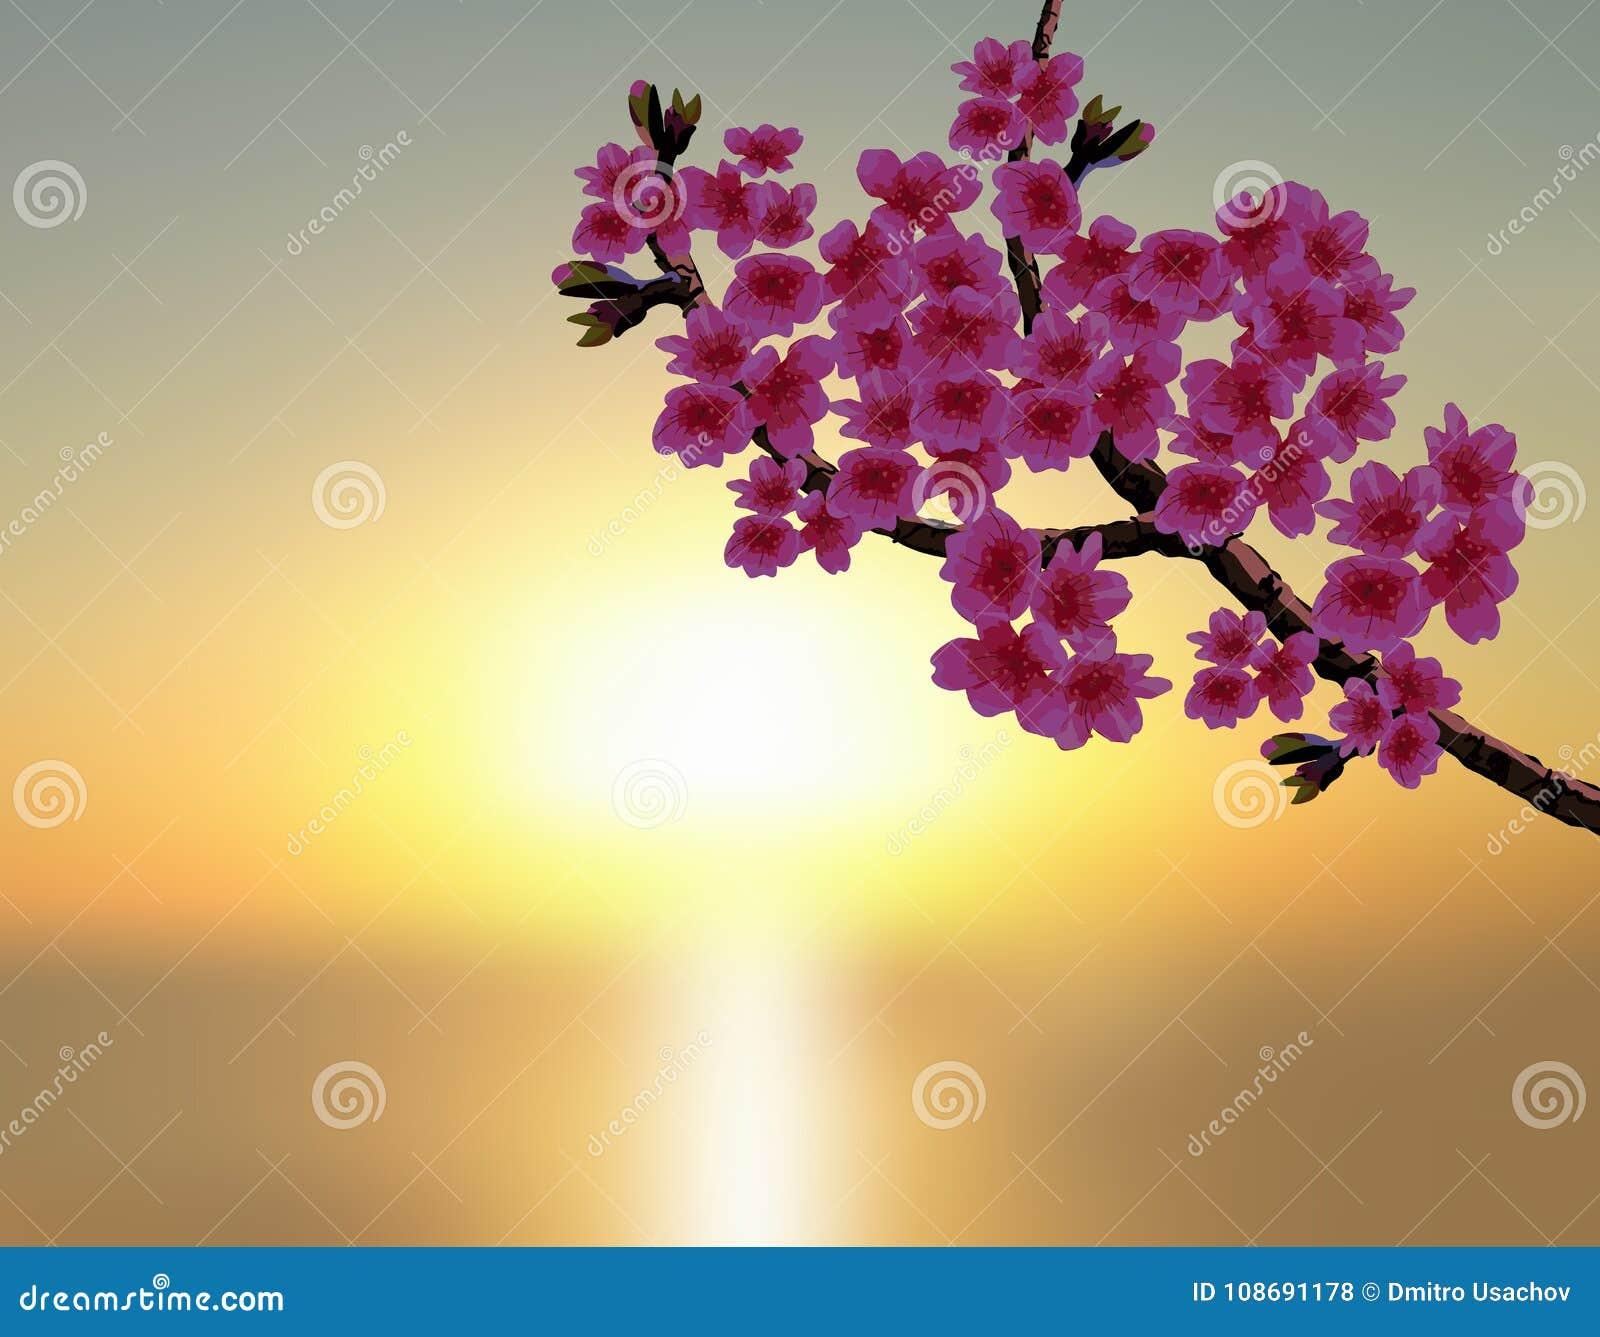 Kirschblüte im Hintergrund eines schönen Sonnenuntergangs Ein Stoff kurvte Niederlassung eines blühenden Kirschbaums mit purpurro